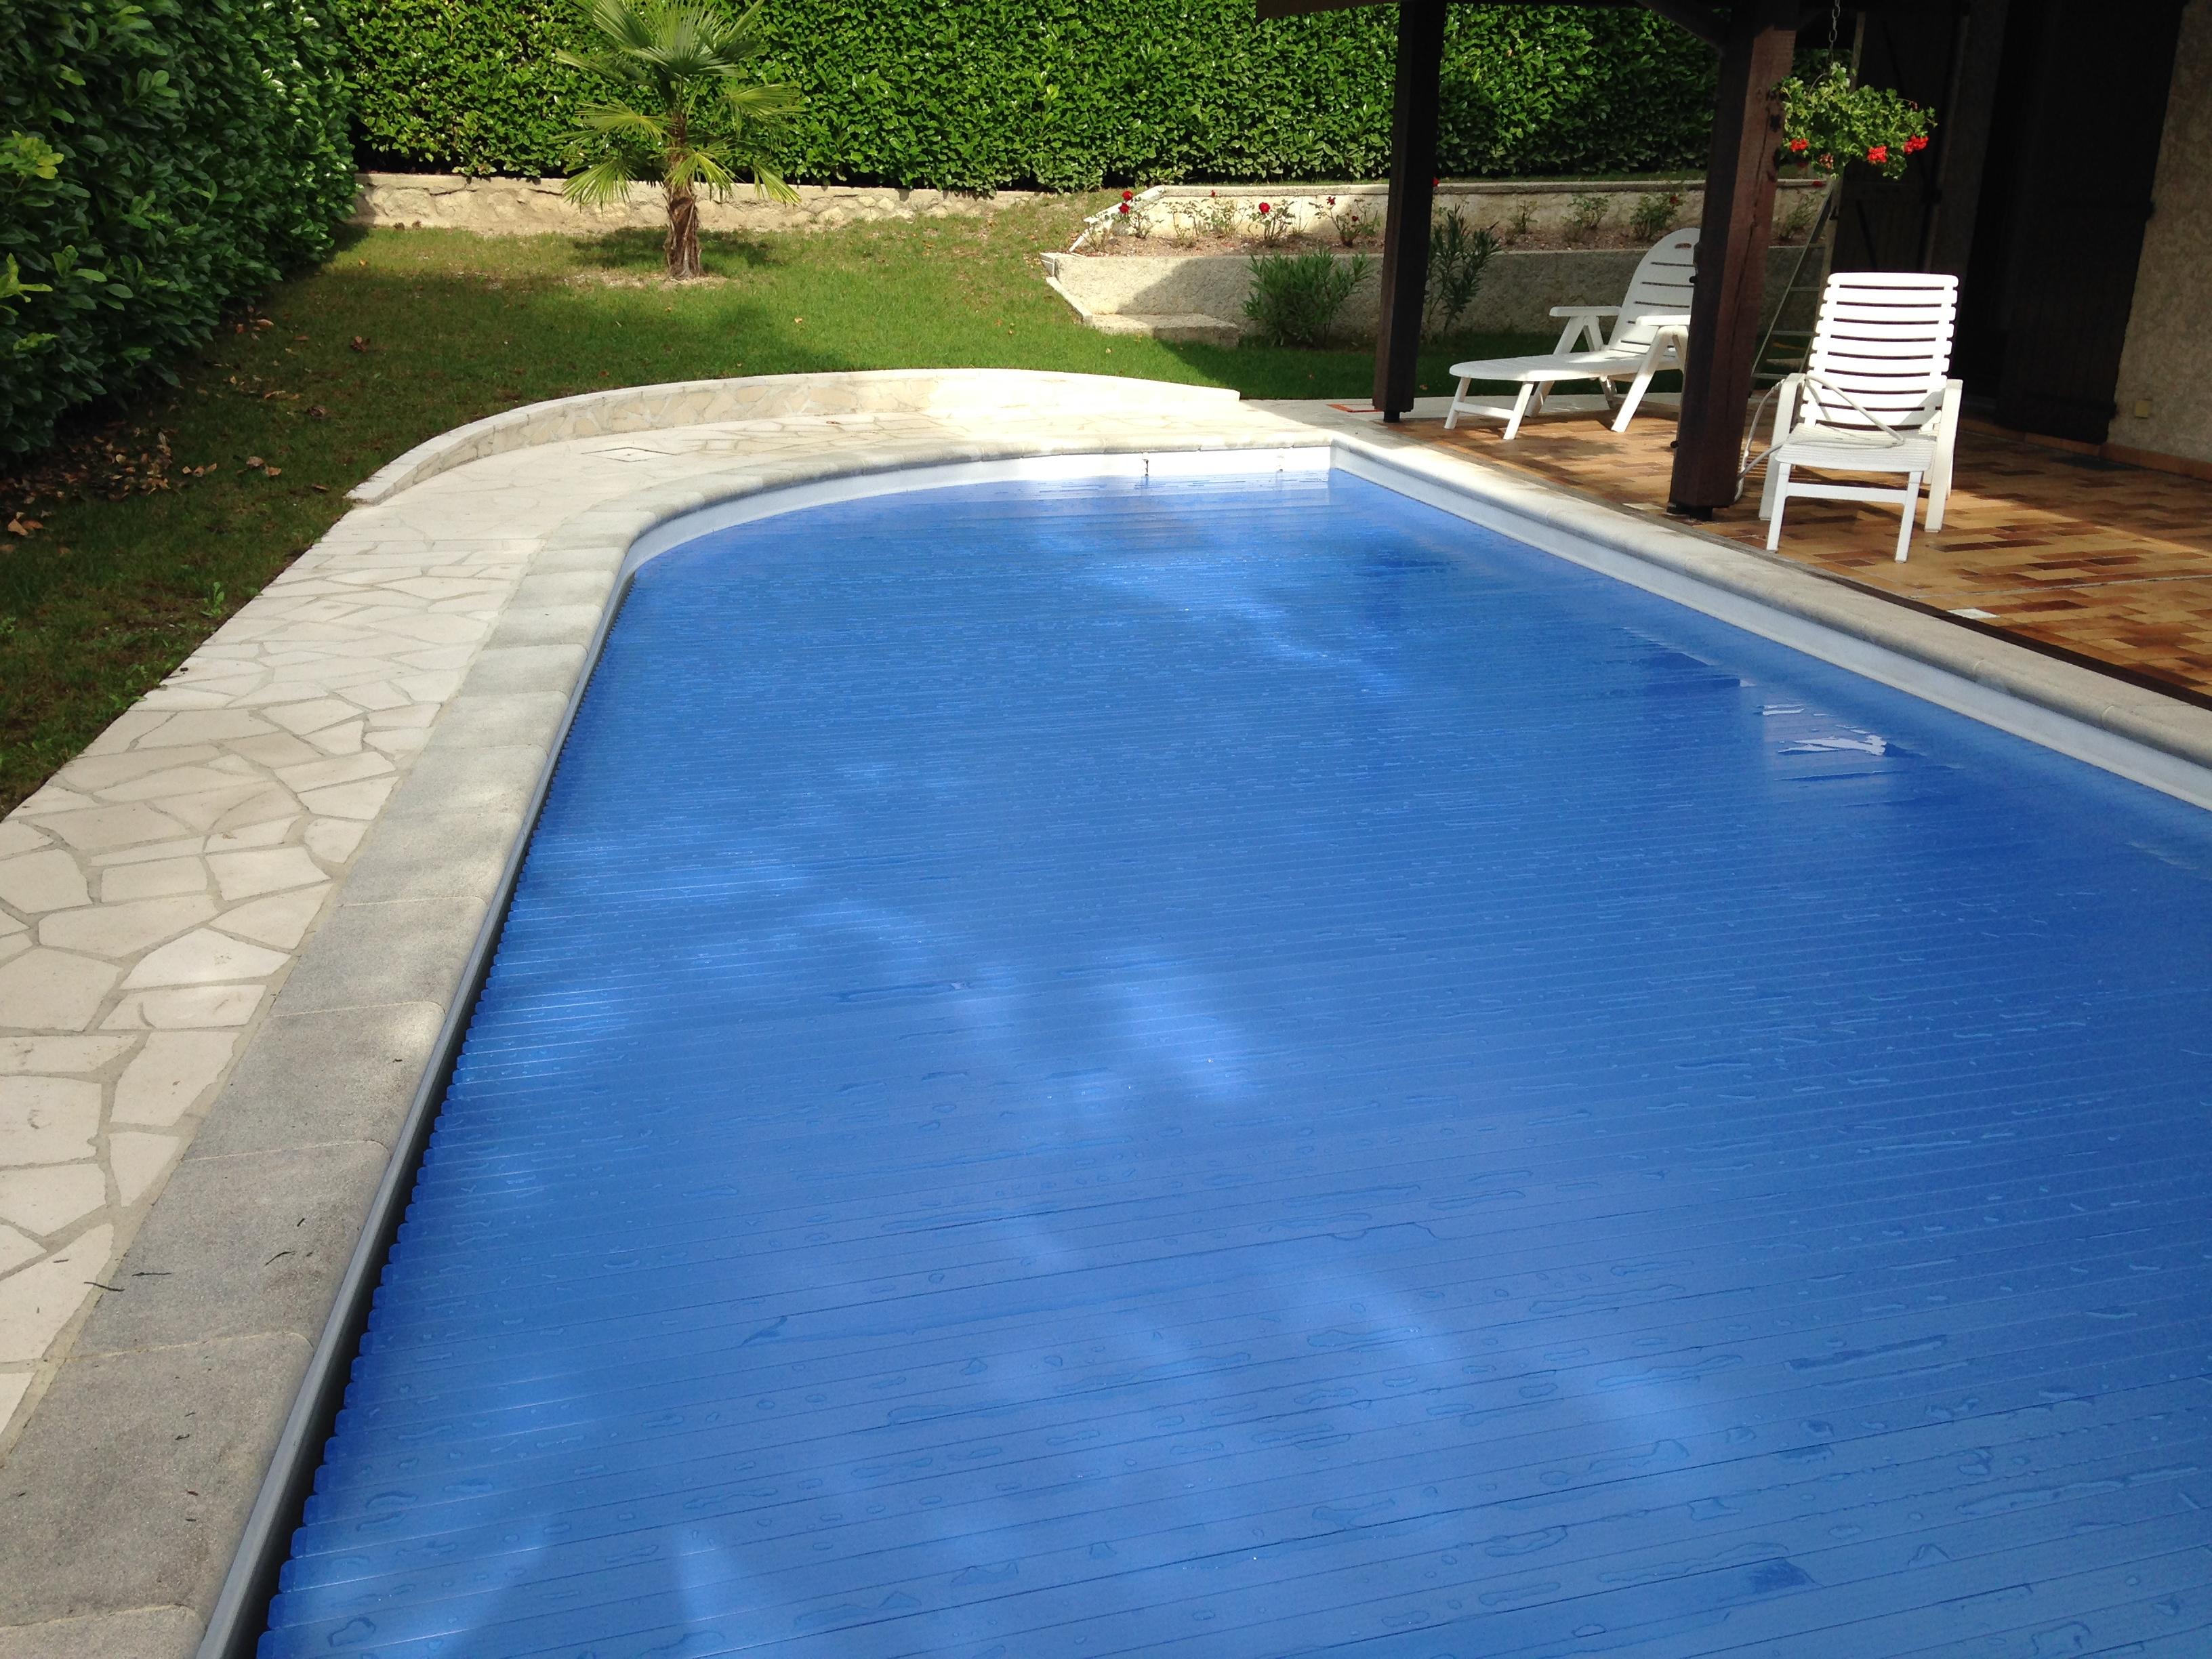 lame pour volet roulant de piscine volet de piscine chauffante. Black Bedroom Furniture Sets. Home Design Ideas